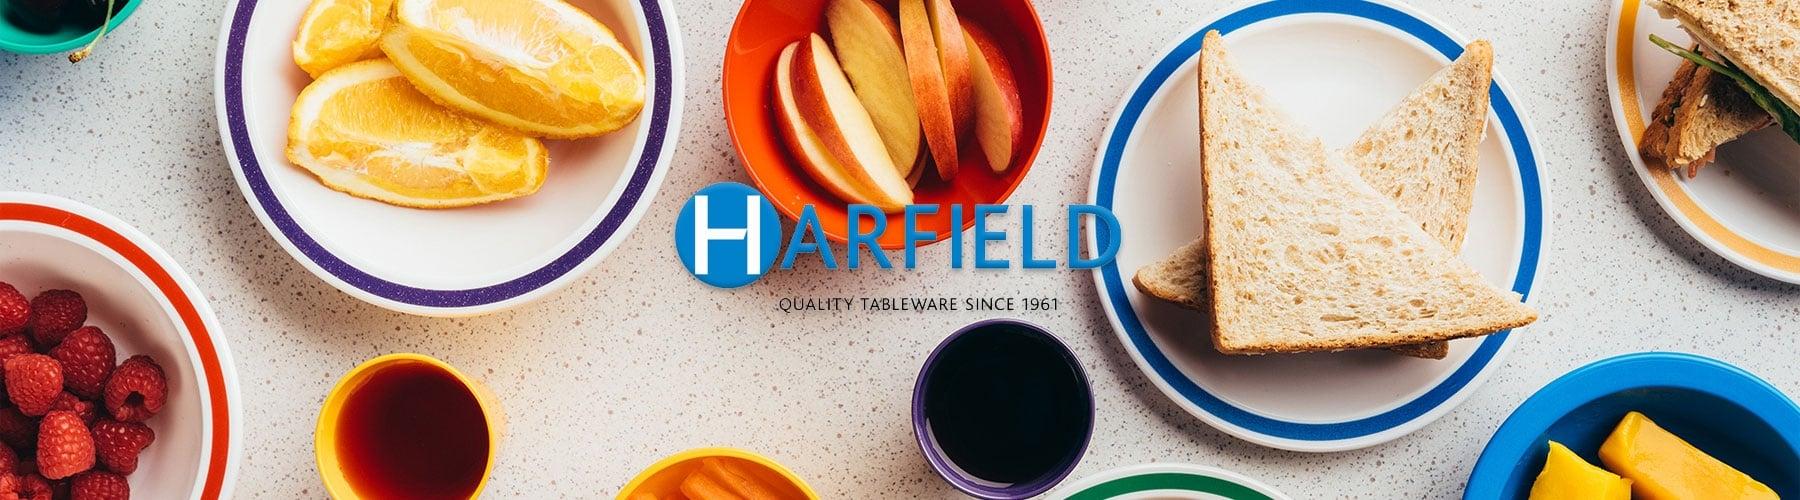 Harfield